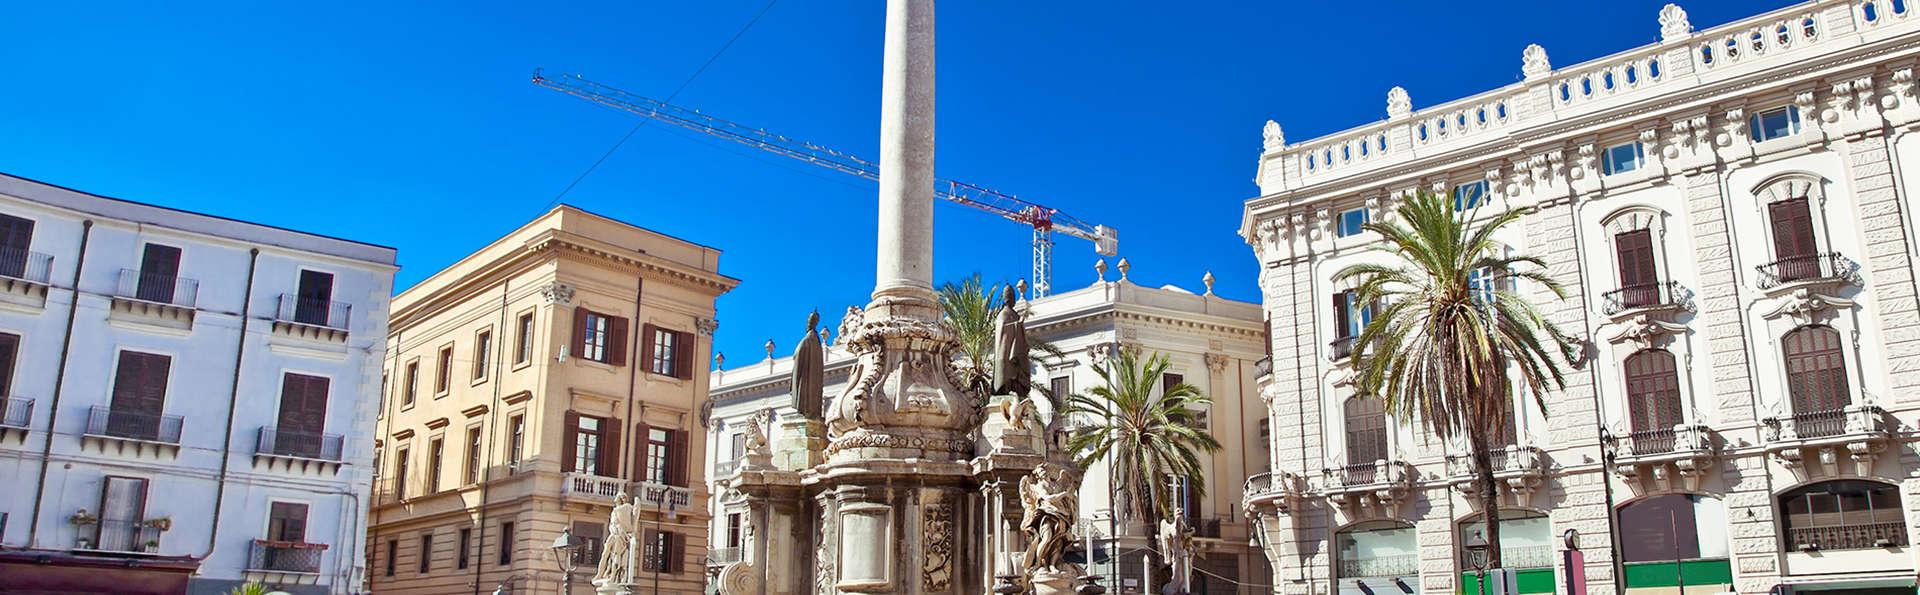 Hotel Vecchio Borgo - edit_Fotolia_70534021_Subscription_L.jpg